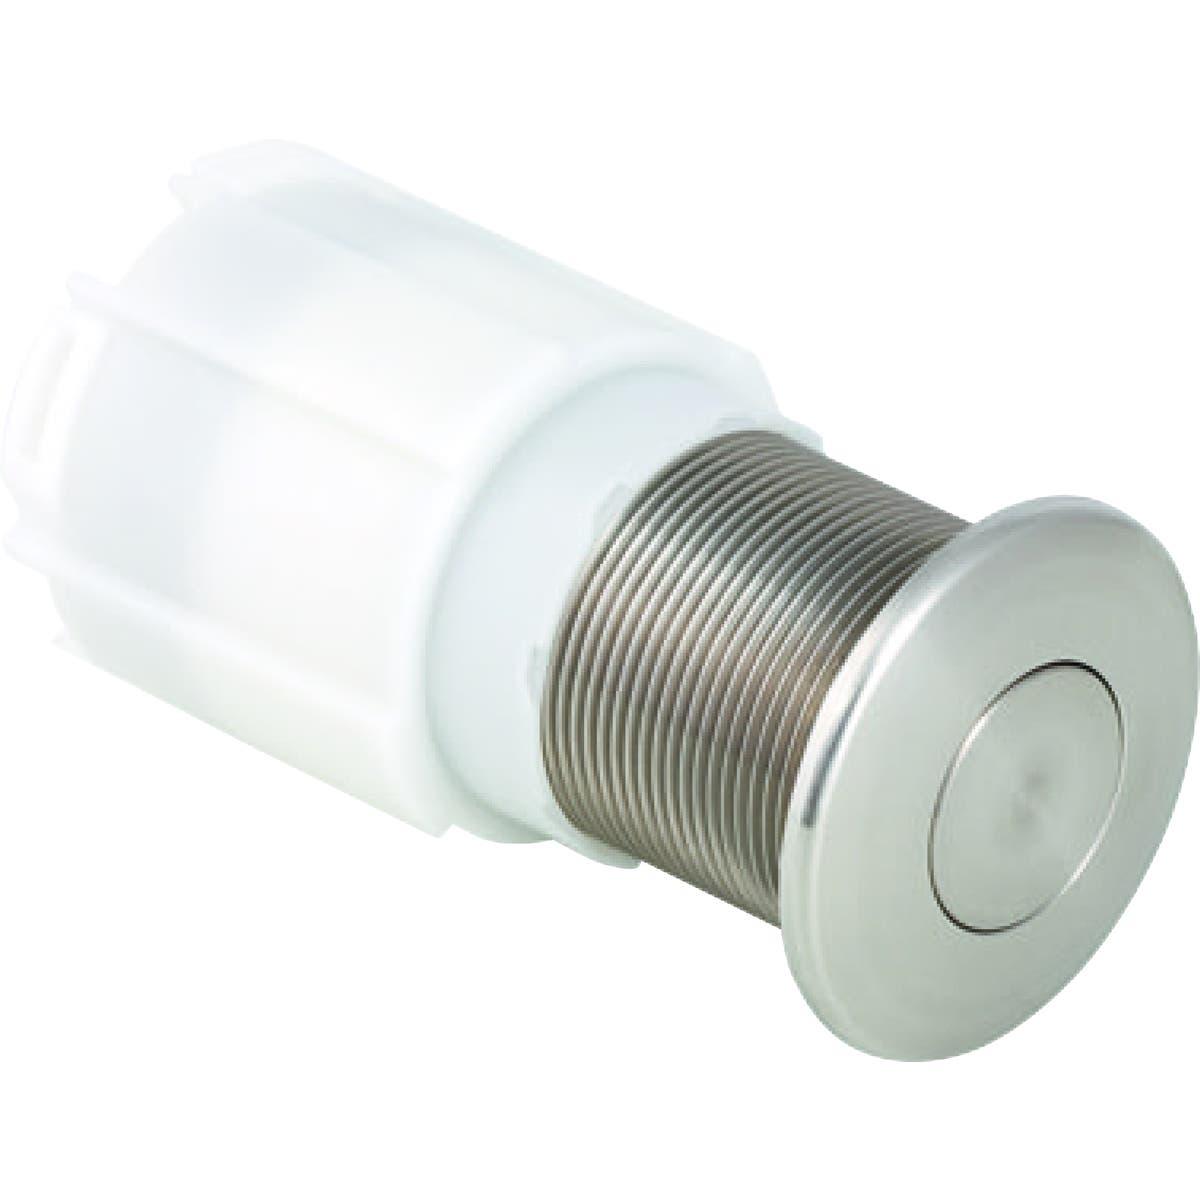 Geberit Commande de WC Geberit à déclenchement pneumatique du rinçage, rinçage simple touche, à blocage, pour meuble